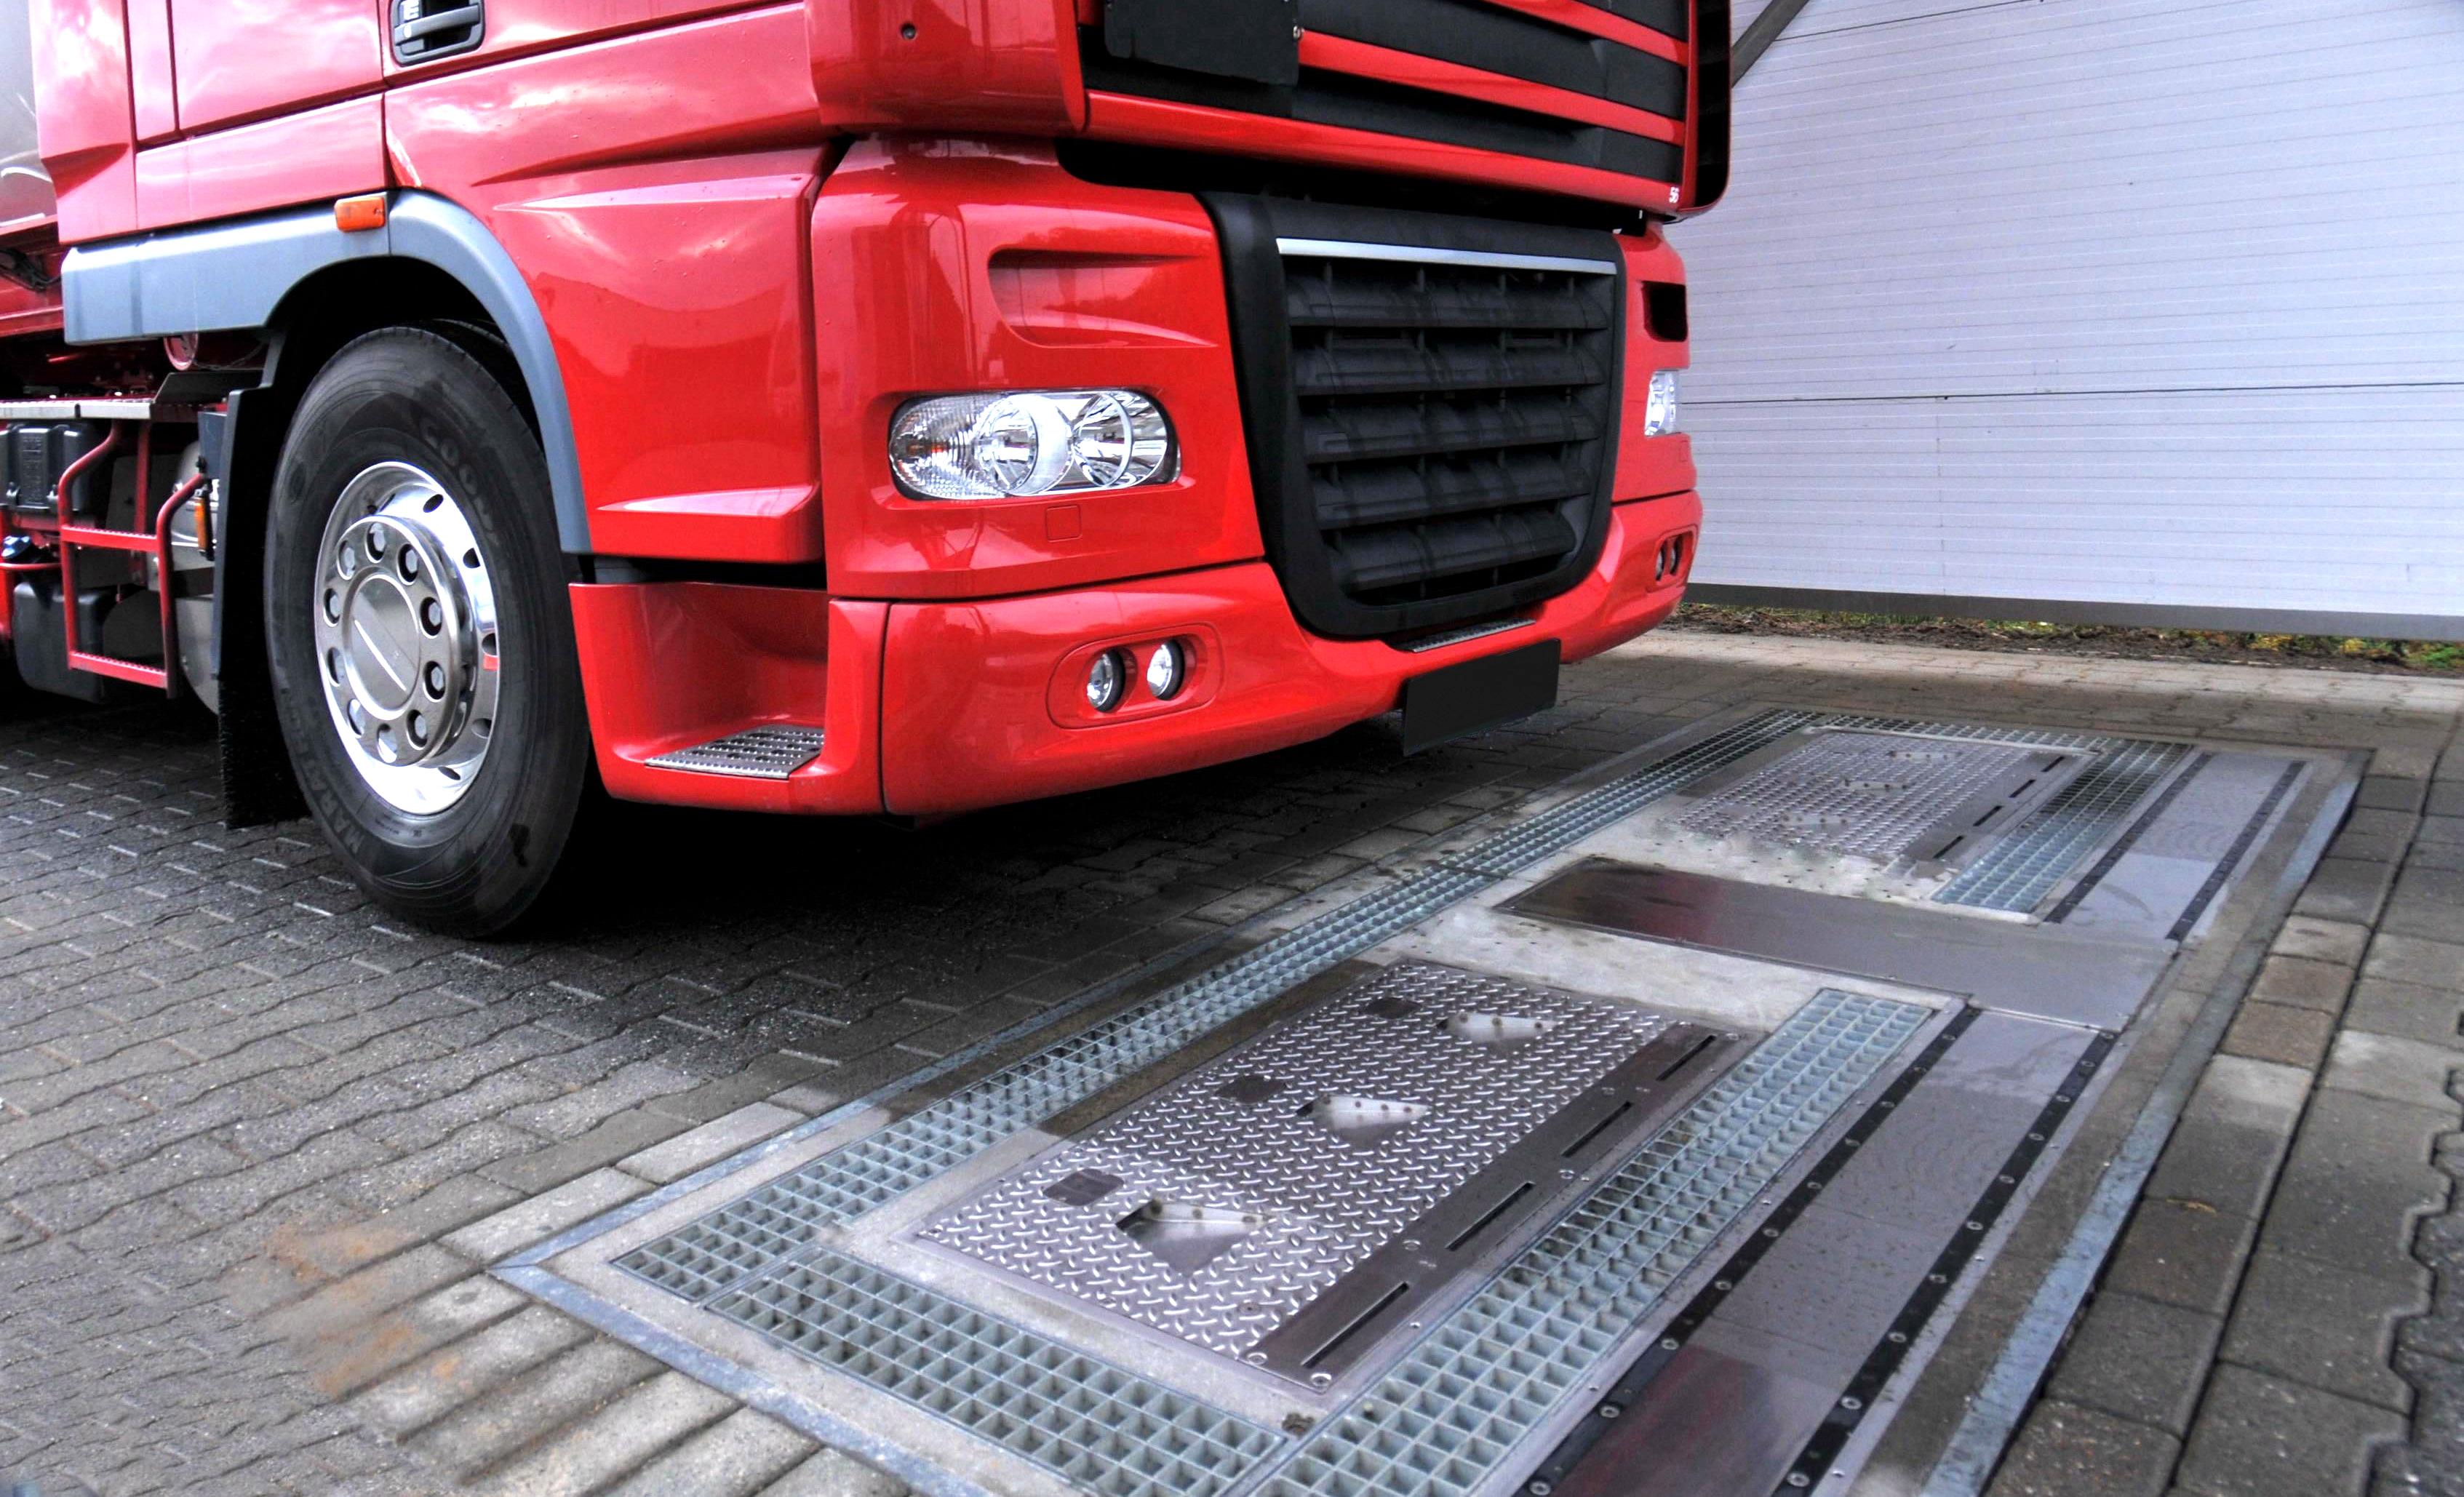 卡車即將通過由Ventech Systems GmbH所製造的全自動輪胎檢測系統,此創新裝置可快速的檢測出胎壓、溝深及車重。固特異輪胎及橡膠公司已同意自Grenzebach Maschinenbau GmbH購入Ventech Systems